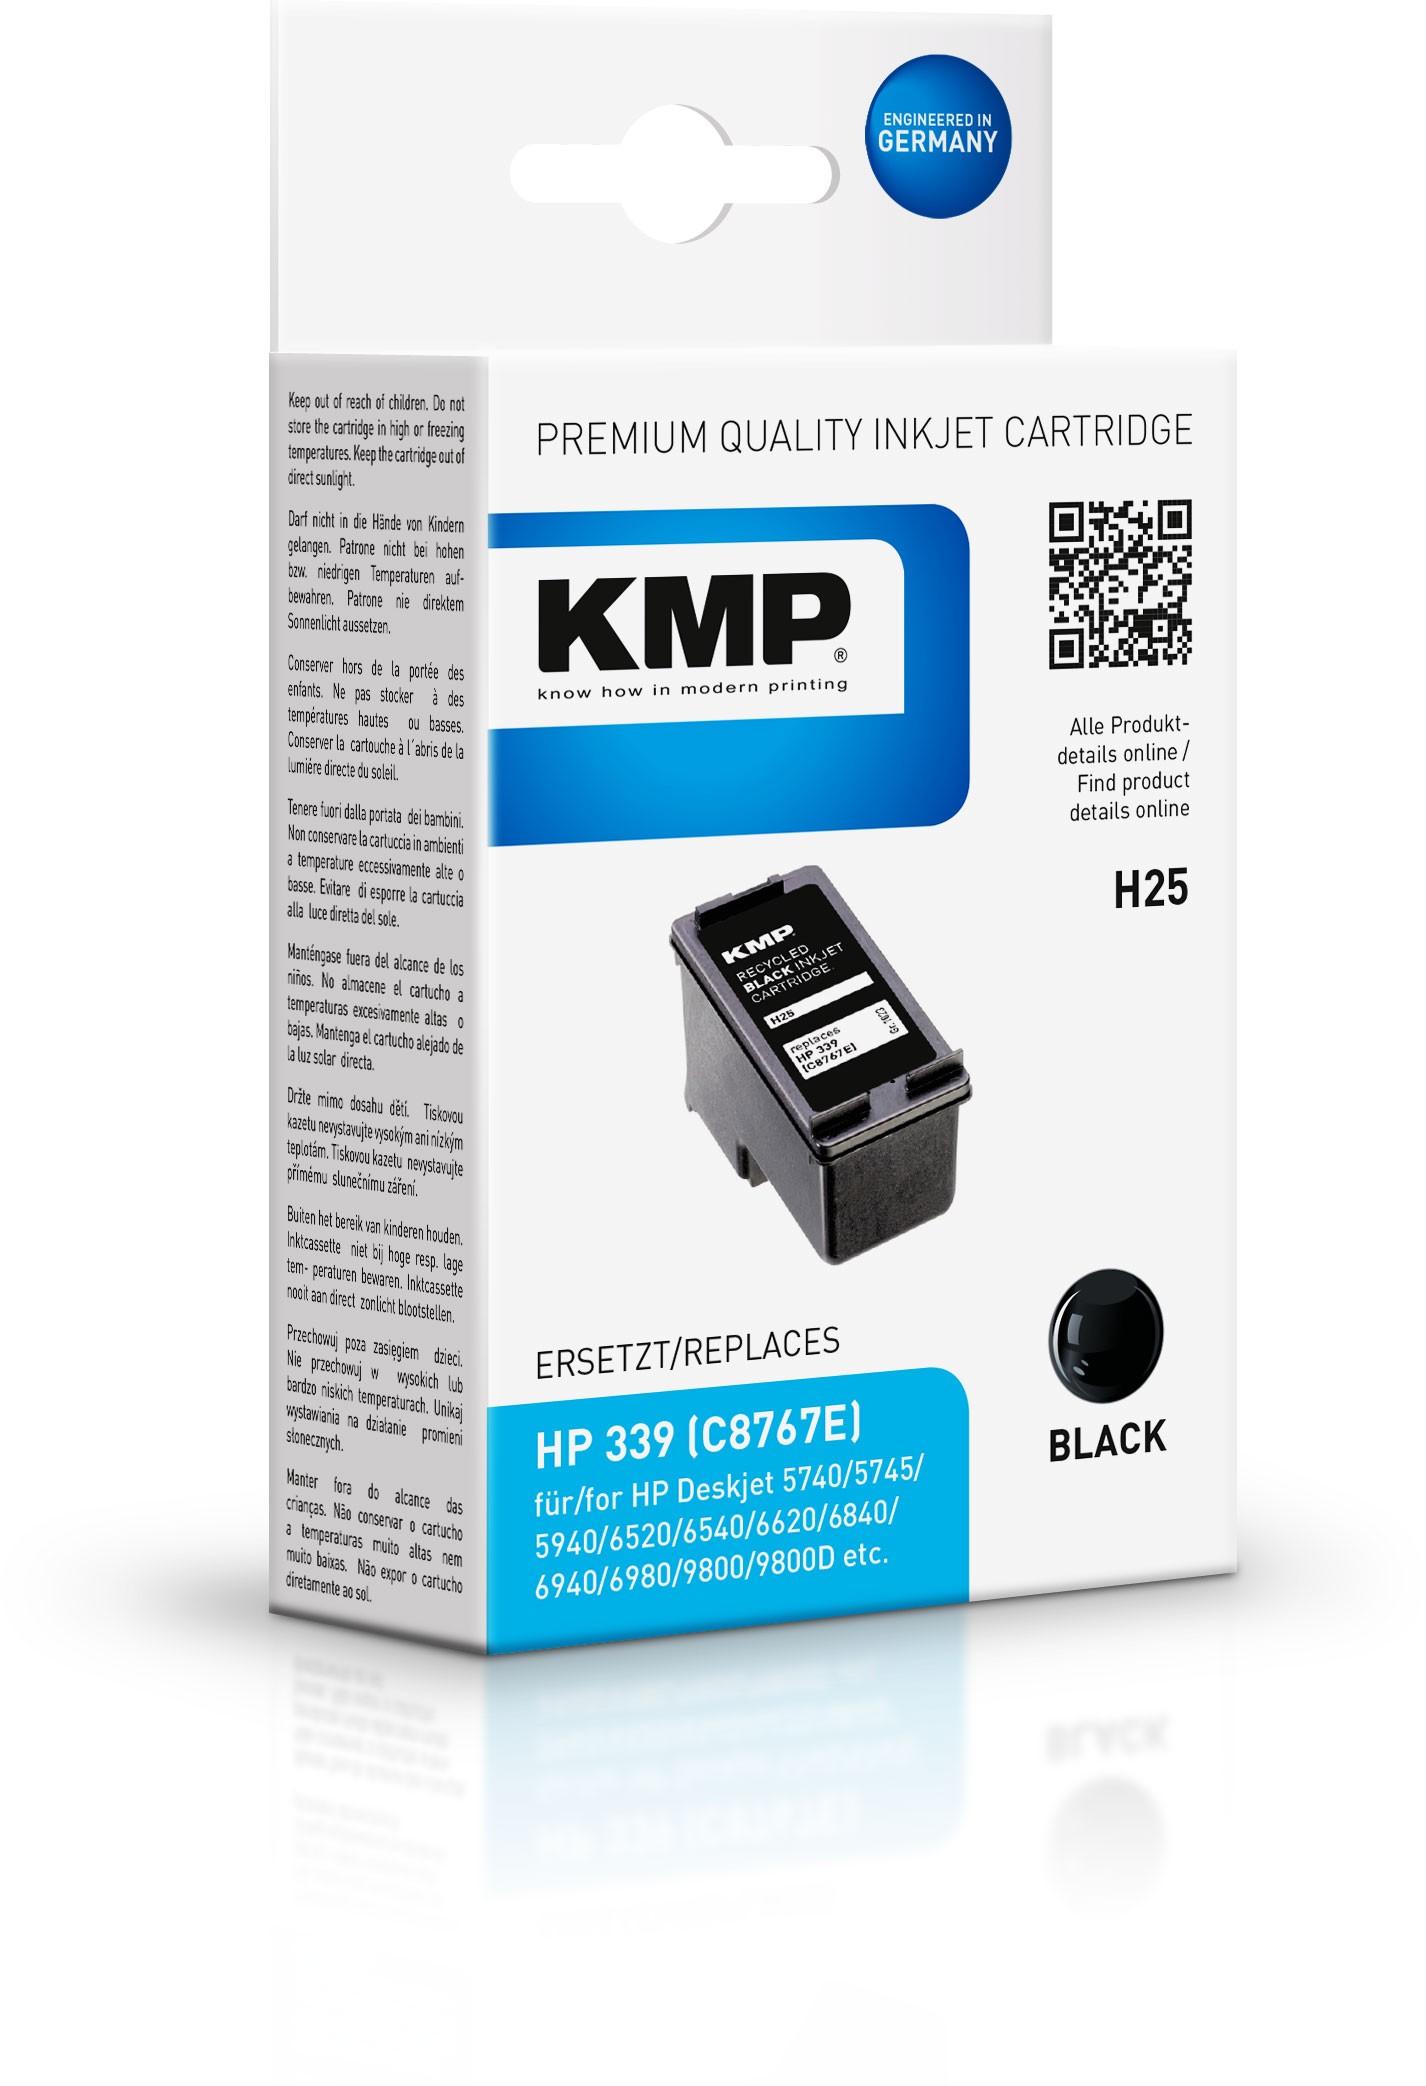 Vorschau: KMP Patrone H25 komp. C8767E HP DeskJet 6540 9800 black